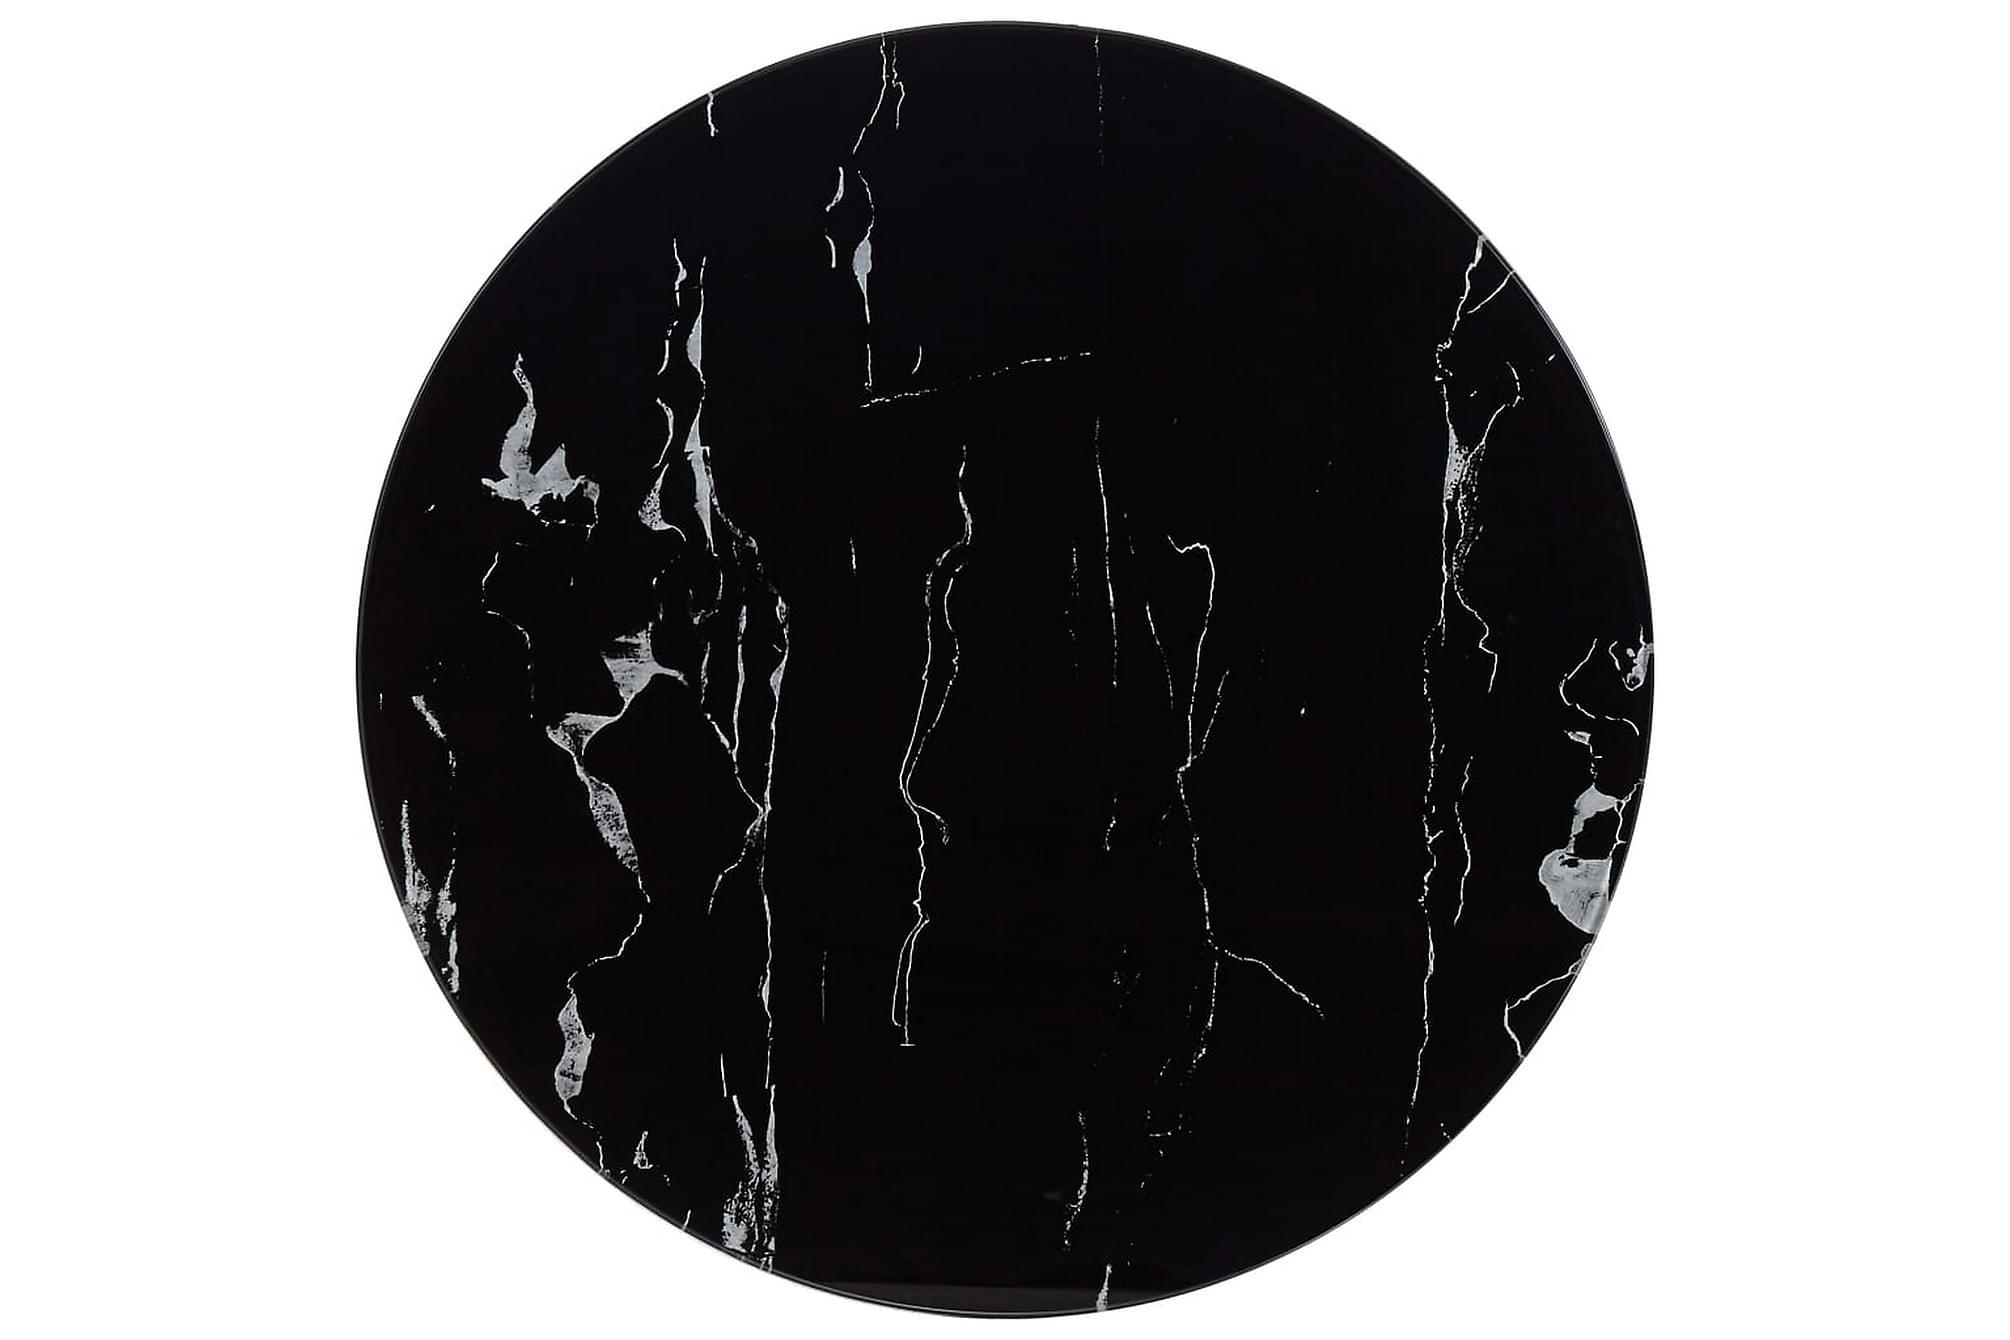 Bordsskiva svart Ã?60 cm glas med marmortextur, Bordsben & tillbehör